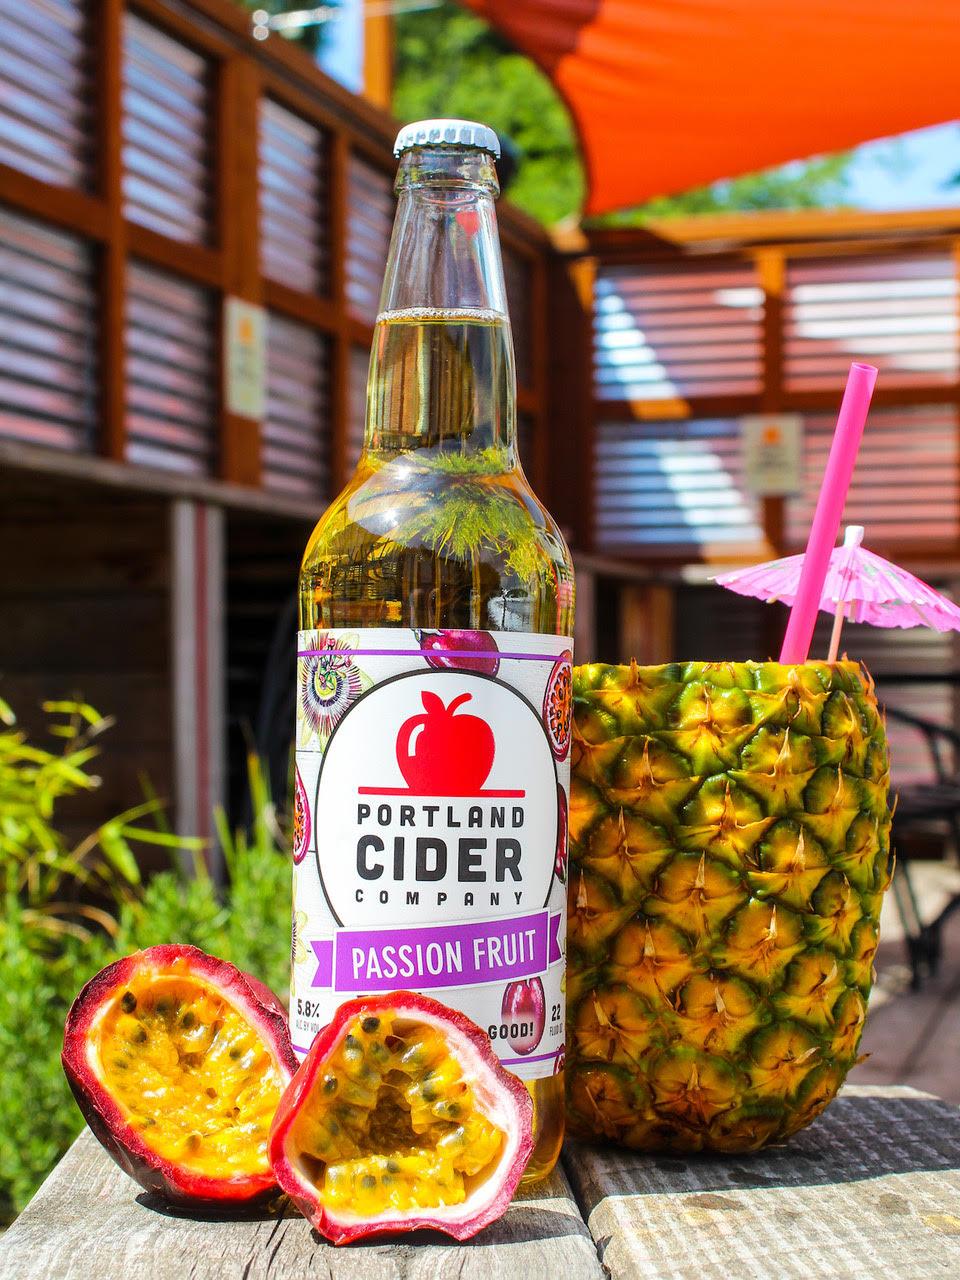 image of Passion Fruit Cider courtesy of Portland Cider Co.